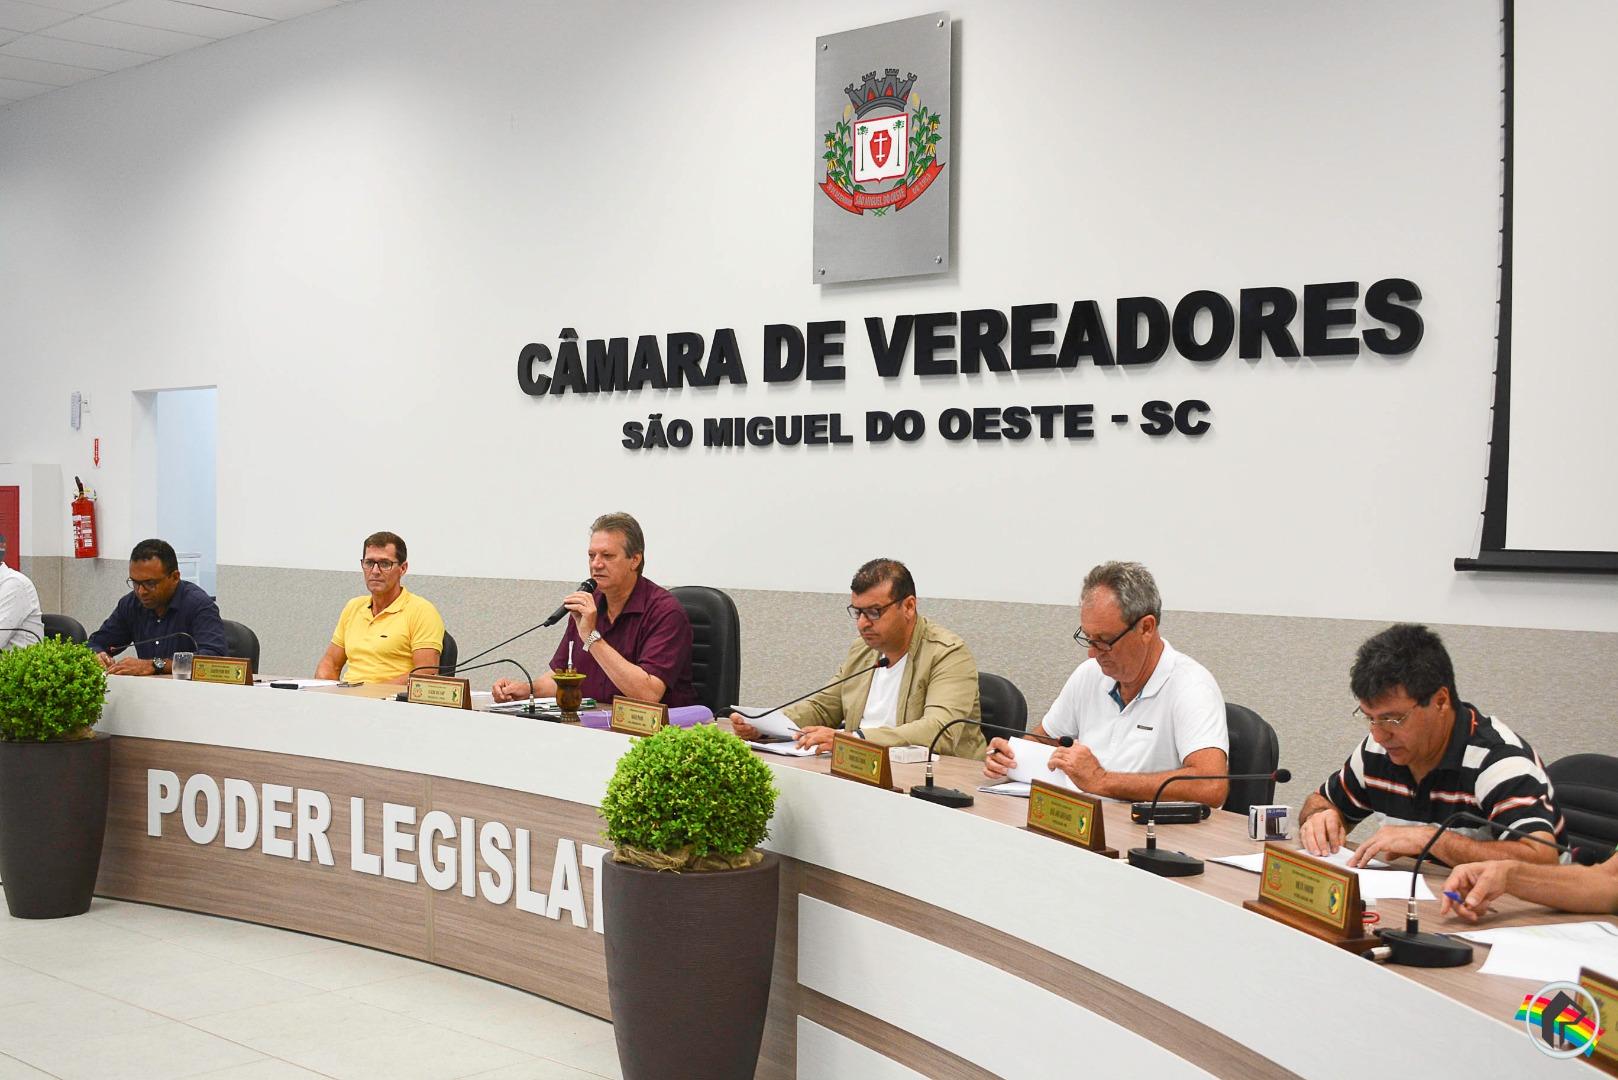 Vereadores decidem não votar empréstimo de R$15 milhões